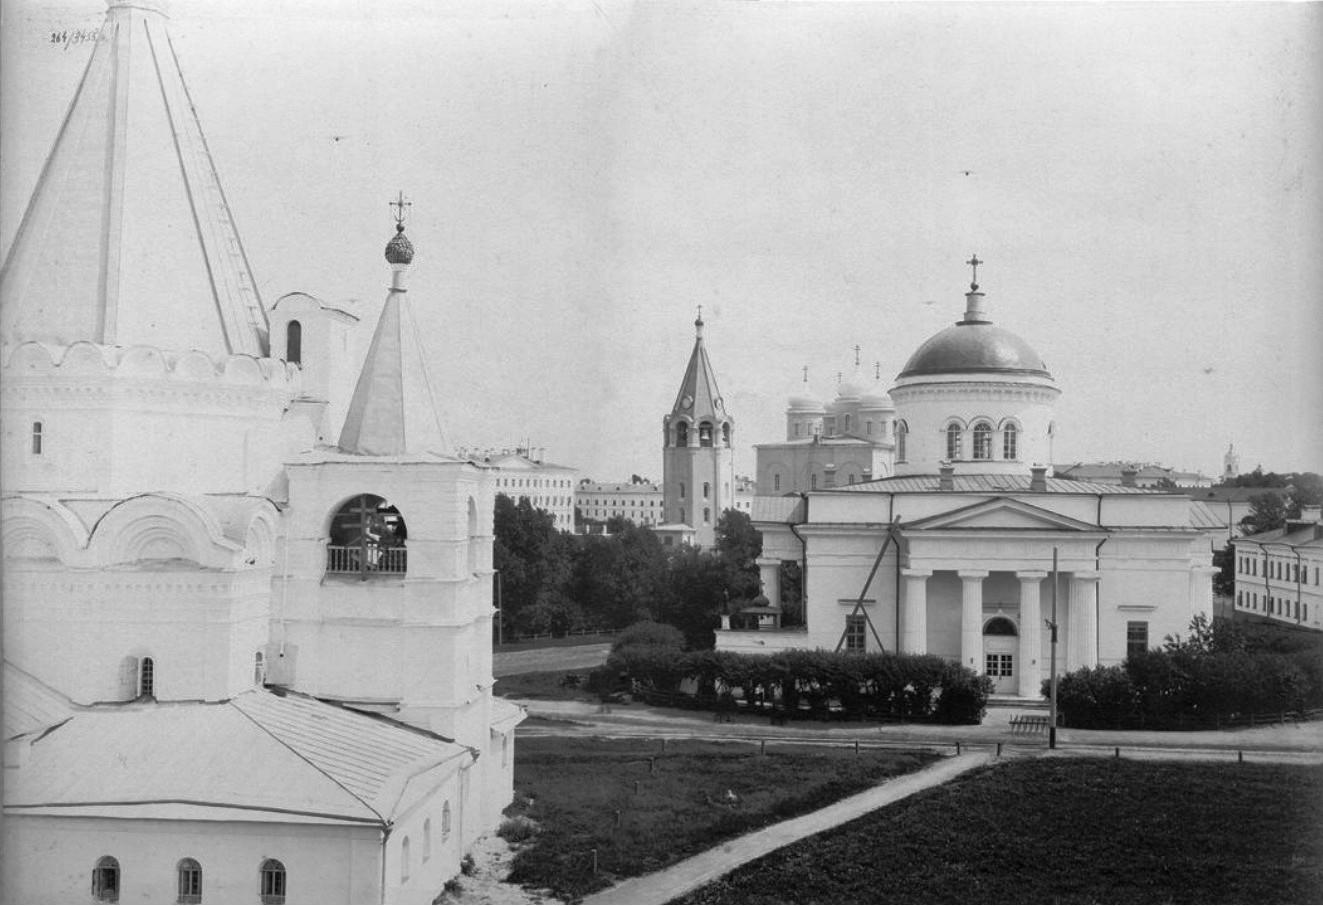 Михайло-Архангельский Кафедральный собор и кадетский корпус в Кремле